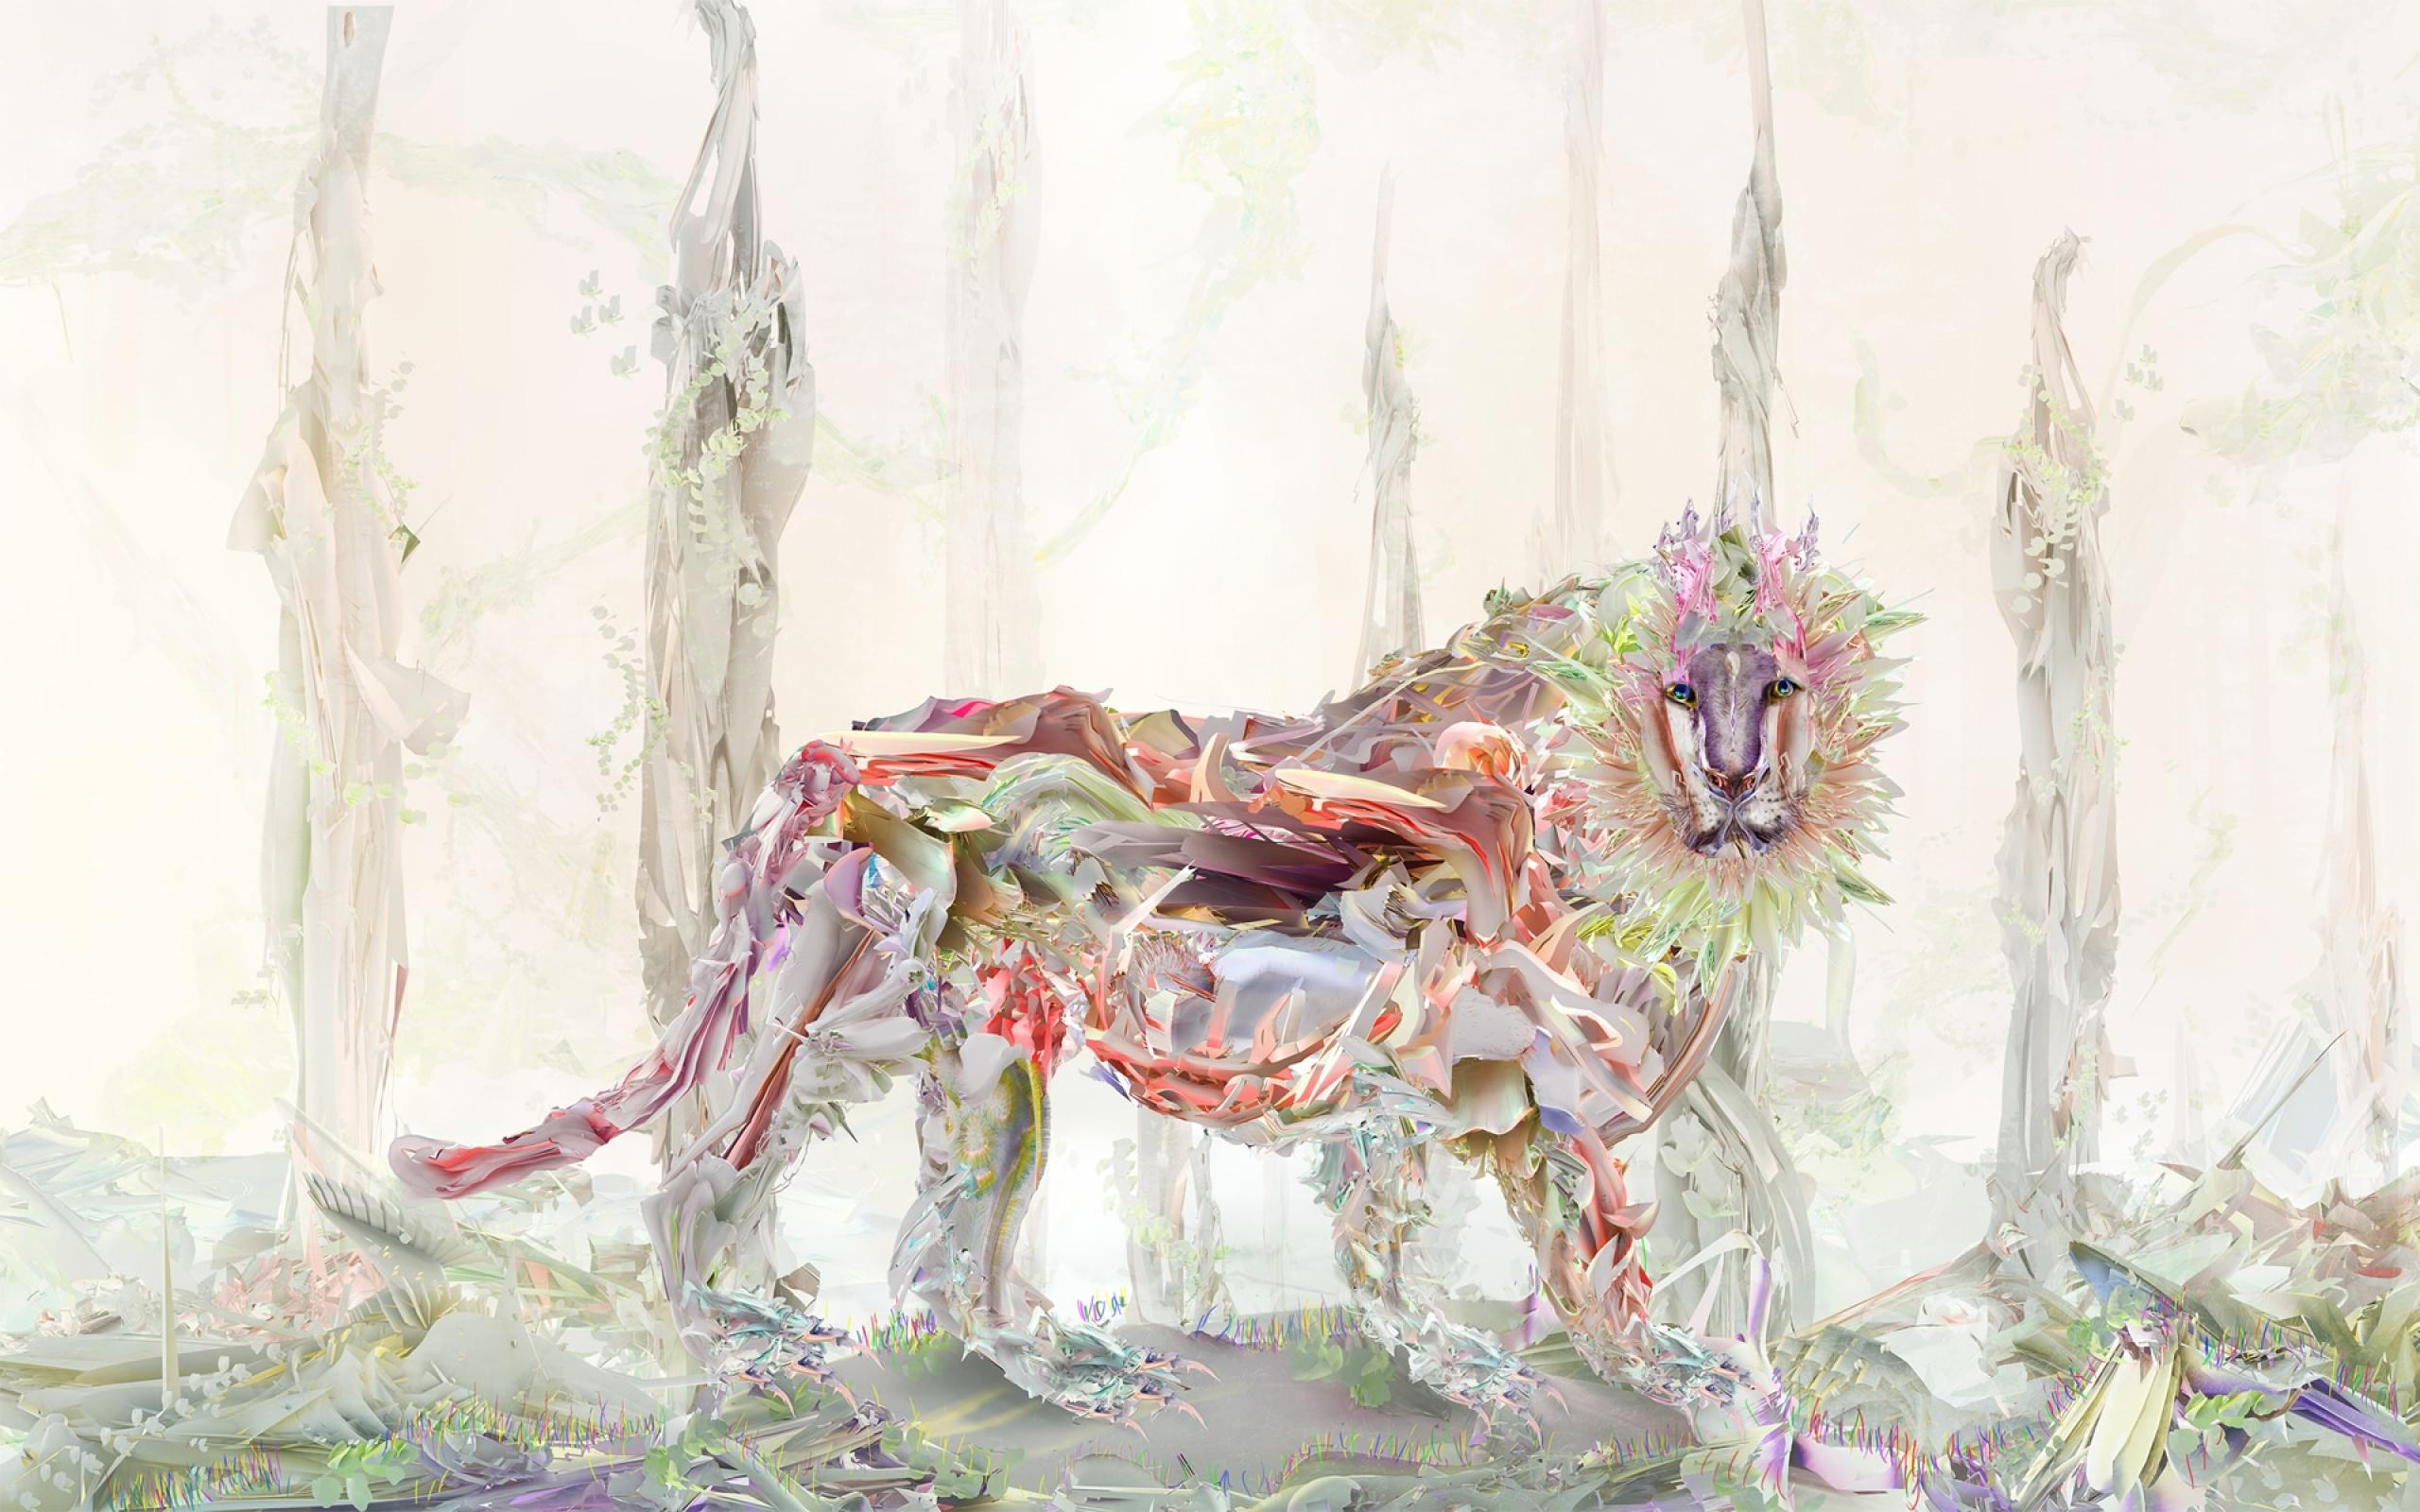 Masaustu Cizim Boyama Illustrasyon Aslan Sanat Isik Cicek